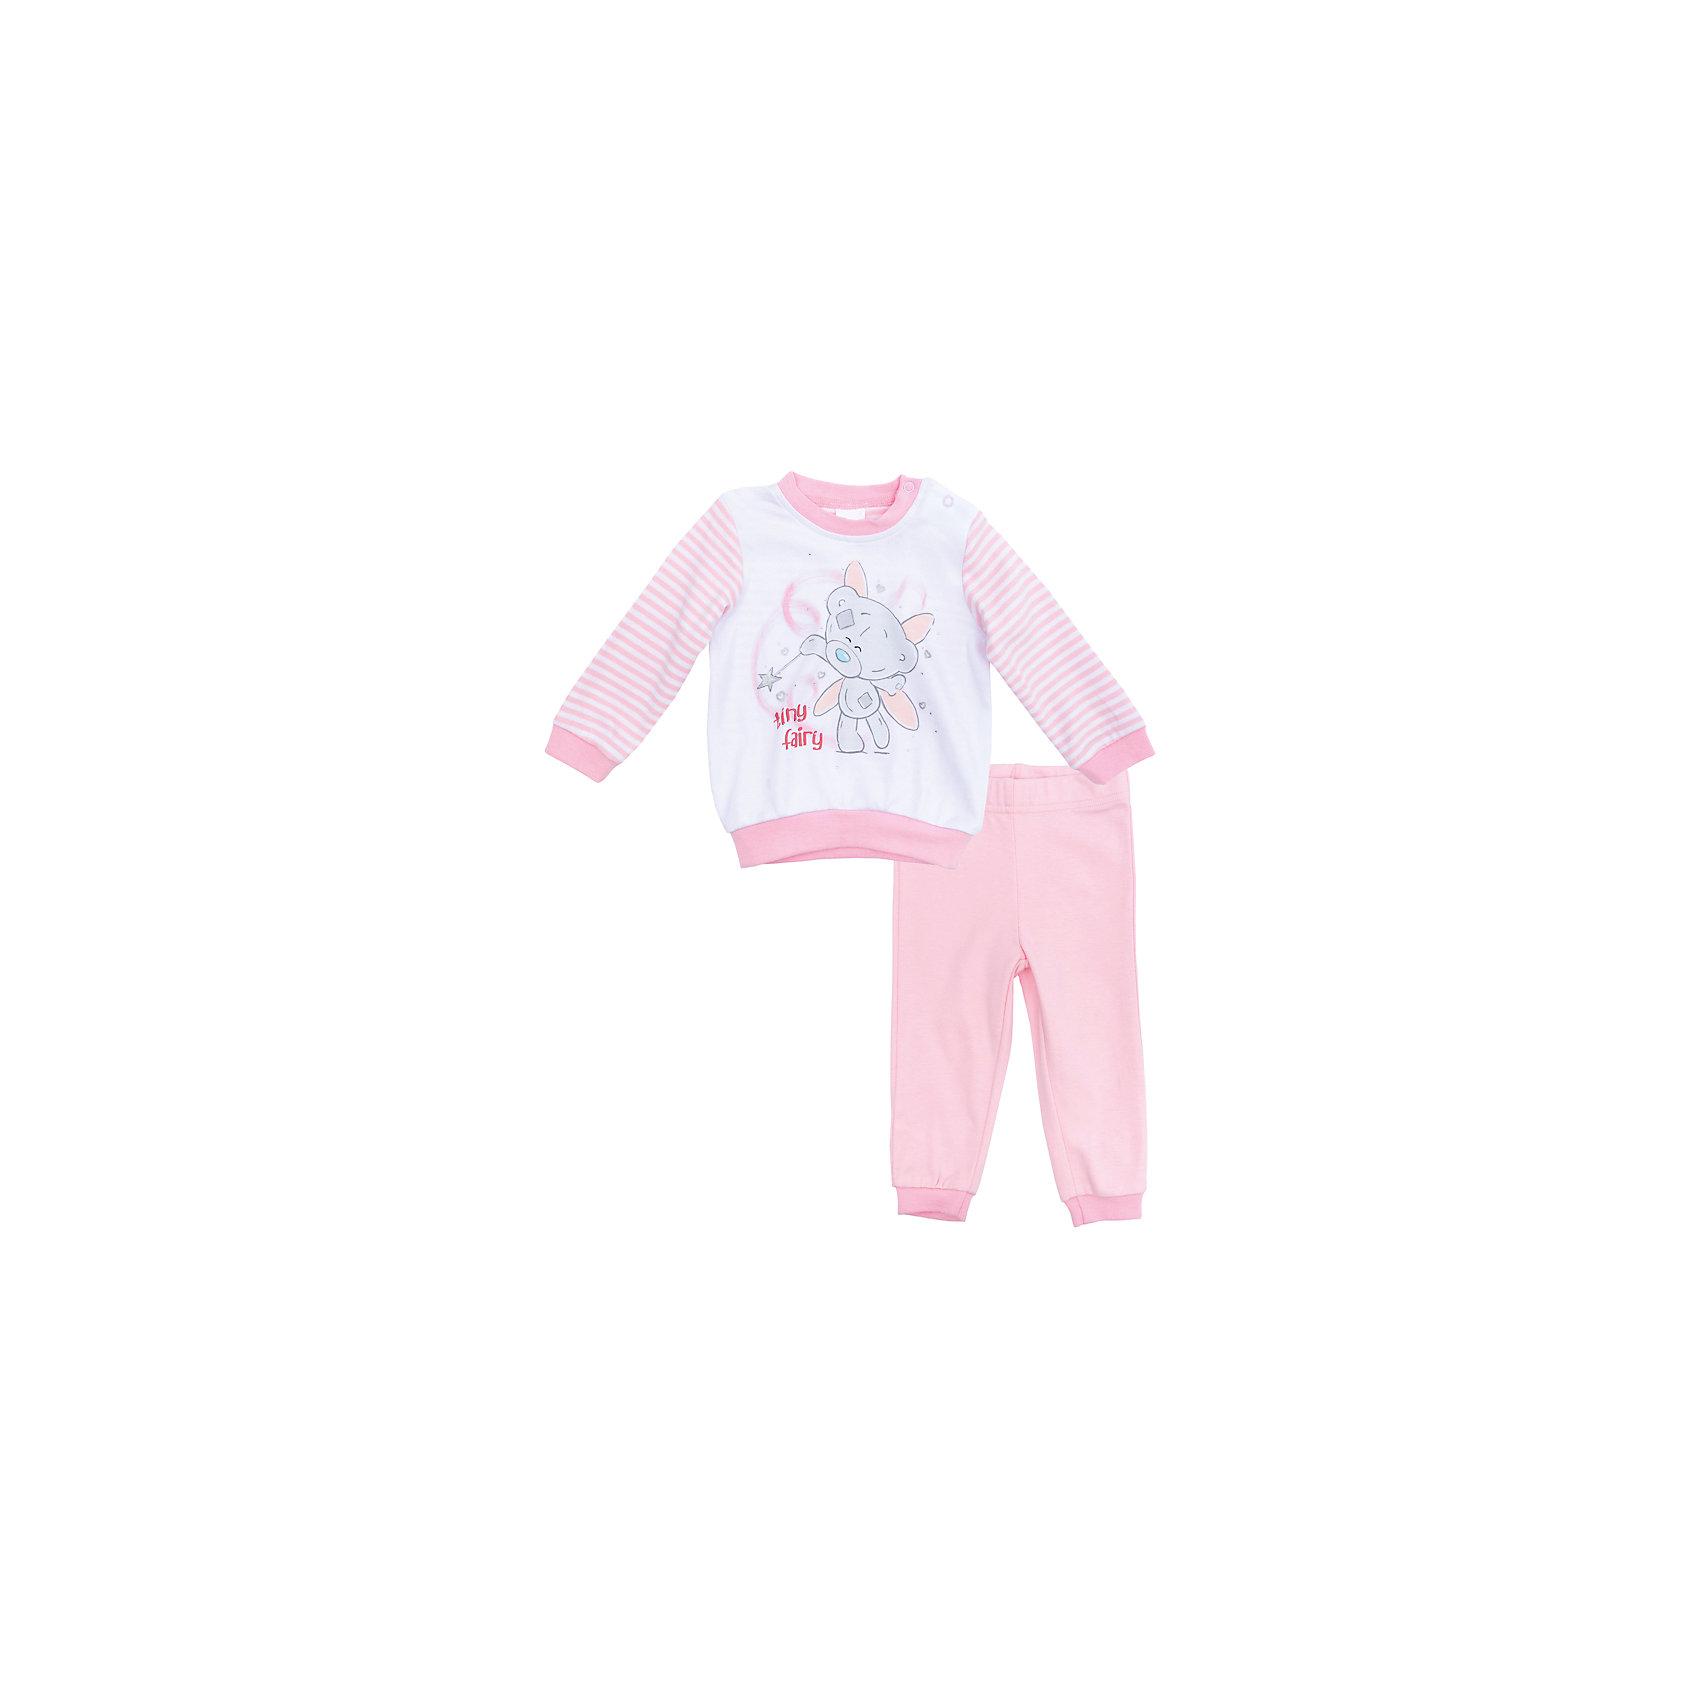 Пижама для девочки PlayTodayКомплекты<br>Характеристики товара:<br><br>• цвет: розовый<br>• состав: 100% хлопок<br>• комплектация: кофточка, брюки<br>• дышащий материал<br>• длинные рукава<br>• кнопки для удобства надевания<br>• пояс брюк - мягкая резинка<br>• комфортная посадка<br>• коллекция: весна-лето 2017<br>• страна бренда: Германия<br>• страна производства: Китай<br><br>Популярный бренд PlayToday выпустил новую коллекцию! Вещи из неё продолжают радовать покупателей удобством, стильным дизайном и продуманным кроем. Дети носят их с удовольствием. PlayToday - это линейка товаров, созданная специально для детей. Дизайнеры учитывают новые веяния моды и потребности детей. Порадуйте ребенка обновкой от проверенного производителя!<br>Эта модель обеспечит ребенку комфорт благодаря качественному материалу и удобному крою. Отличный вариант детской одежды - она не трет и давит, не ограничивает свободу движений! Выглядит стильно и аккуратно.<br><br>Комплект для девочки от известного бренда PlayToday можно купить в нашем интернет-магазине.<br><br>Ширина мм: 157<br>Глубина мм: 13<br>Высота мм: 119<br>Вес г: 200<br>Цвет: белый<br>Возраст от месяцев: 6<br>Возраст до месяцев: 9<br>Пол: Женский<br>Возраст: Детский<br>Размер: 74,68,62,56<br>SKU: 5408591